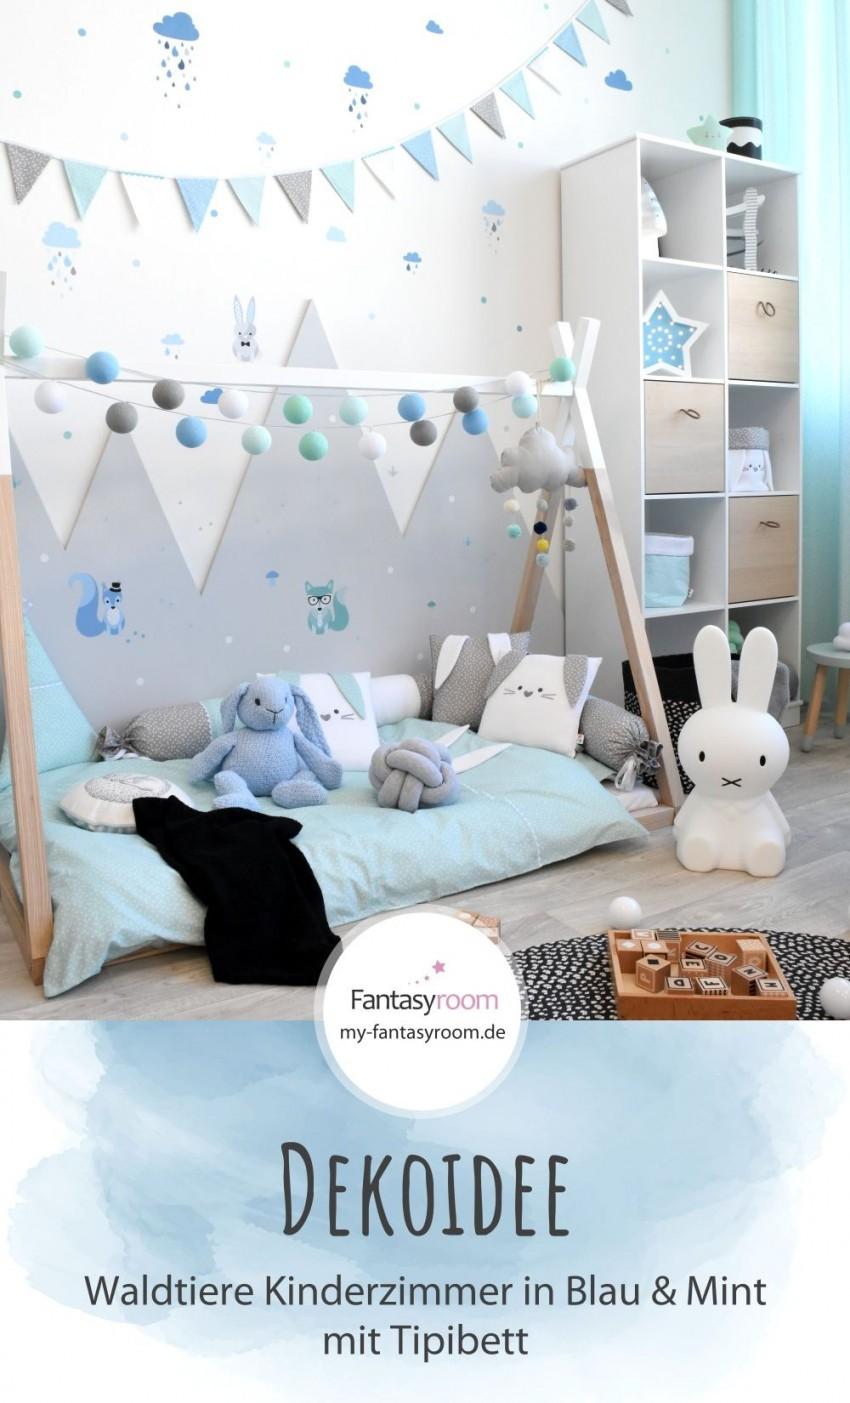 Waldtiere Zimmer In Blau  Mint Bei Fantasyroom Online von Babyzimmer Deko Blau Photo